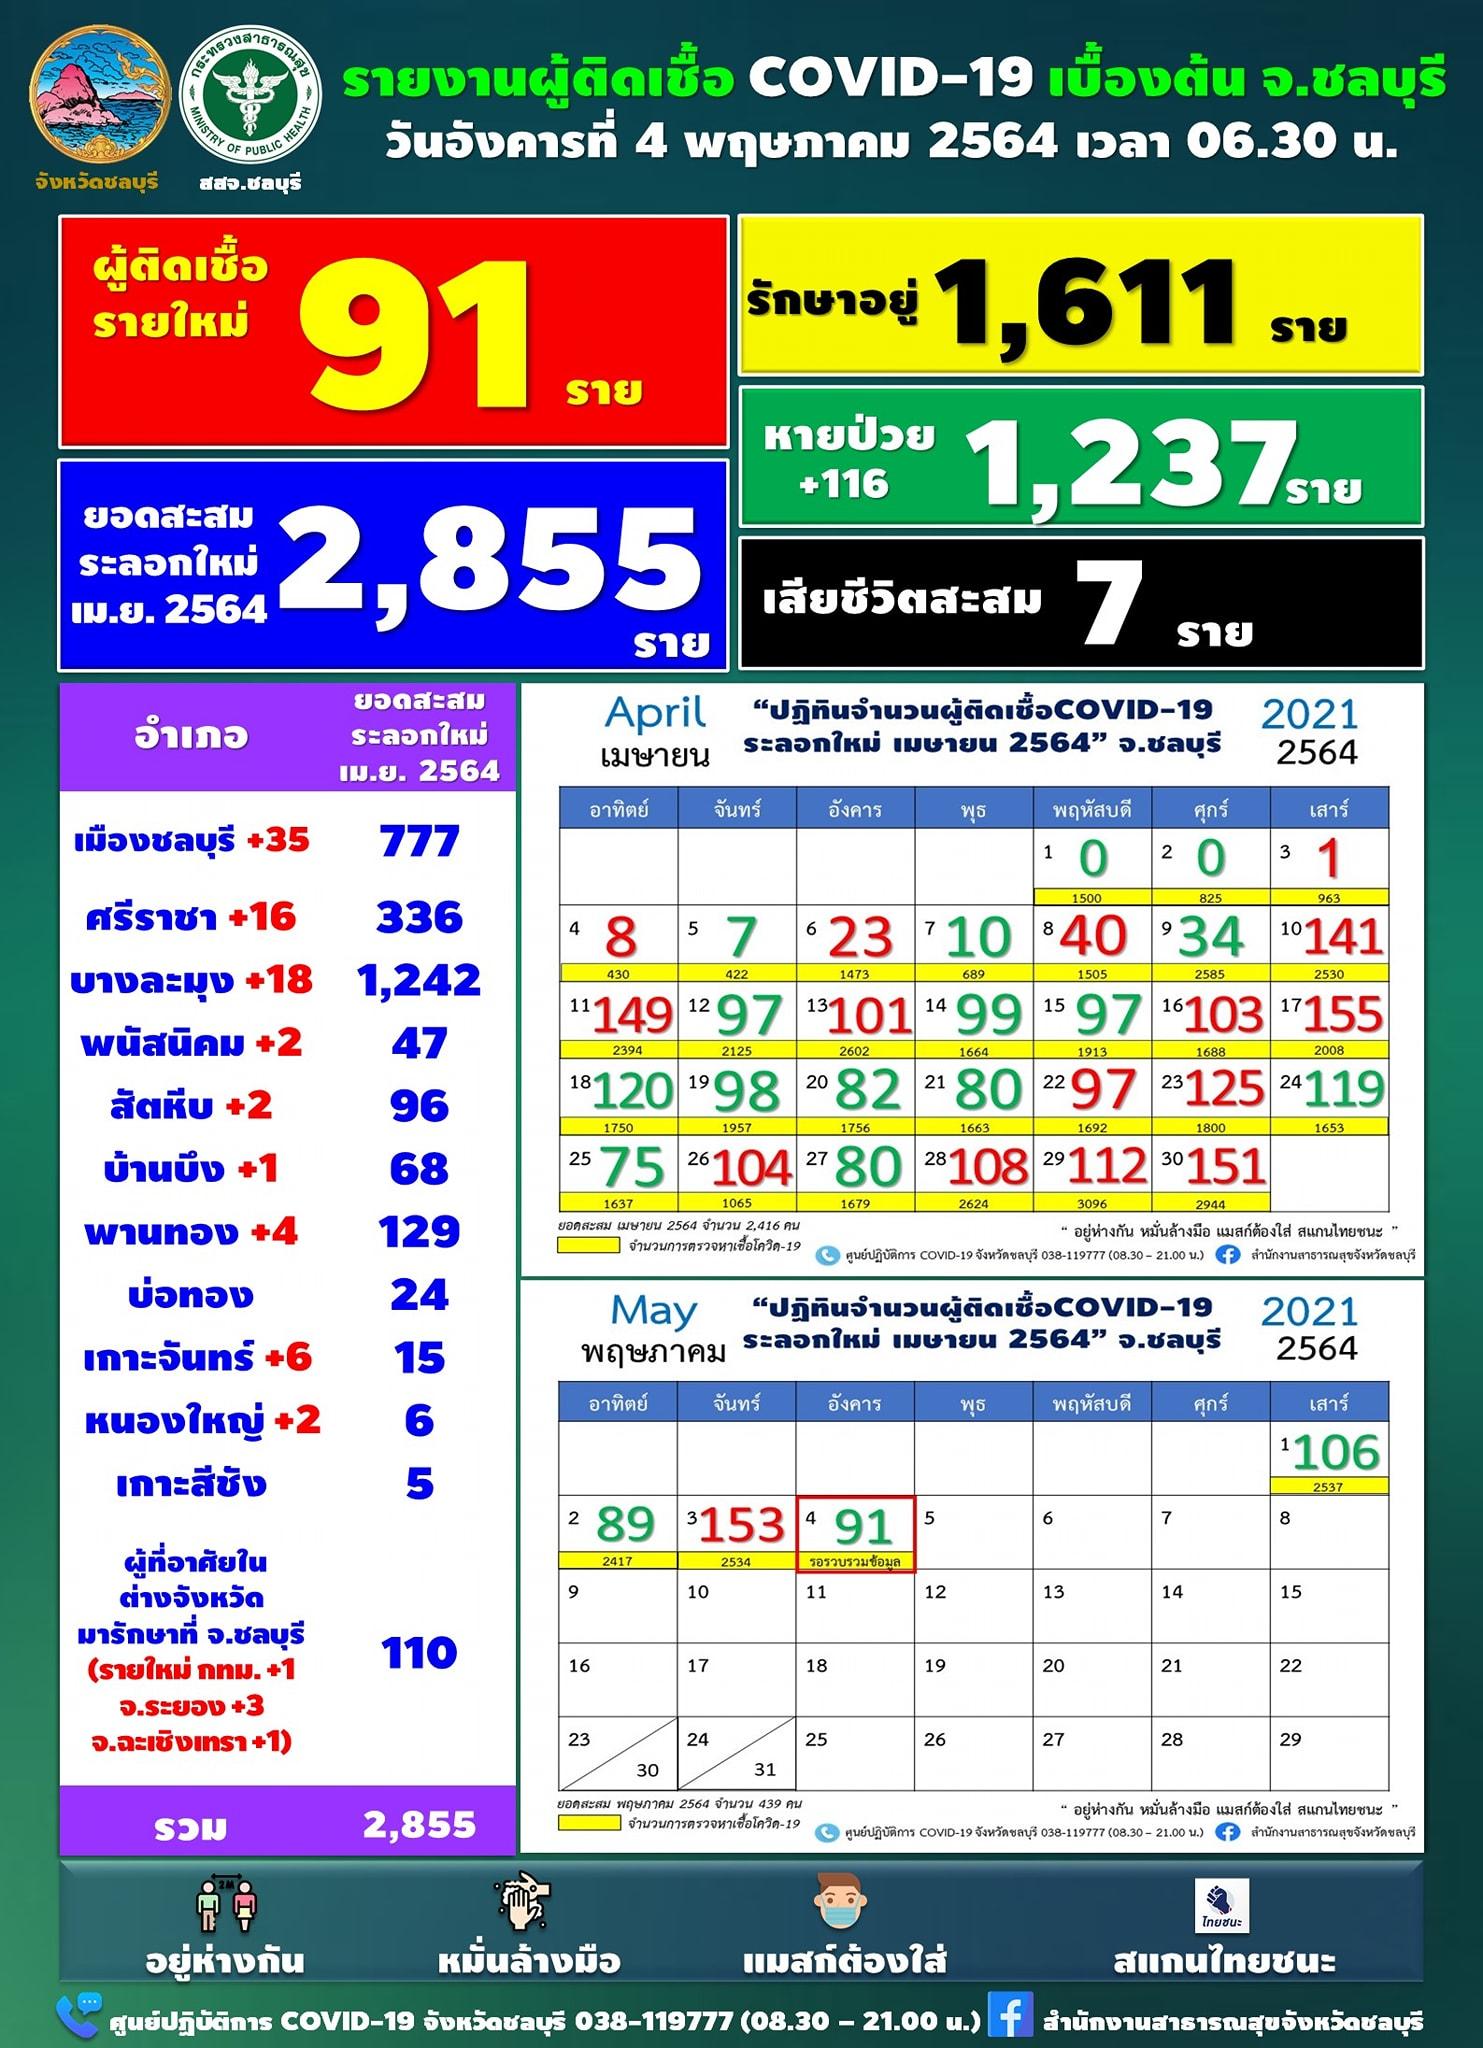 チョンブリ県は新たに91人が陽性[2021年5月4日発表]